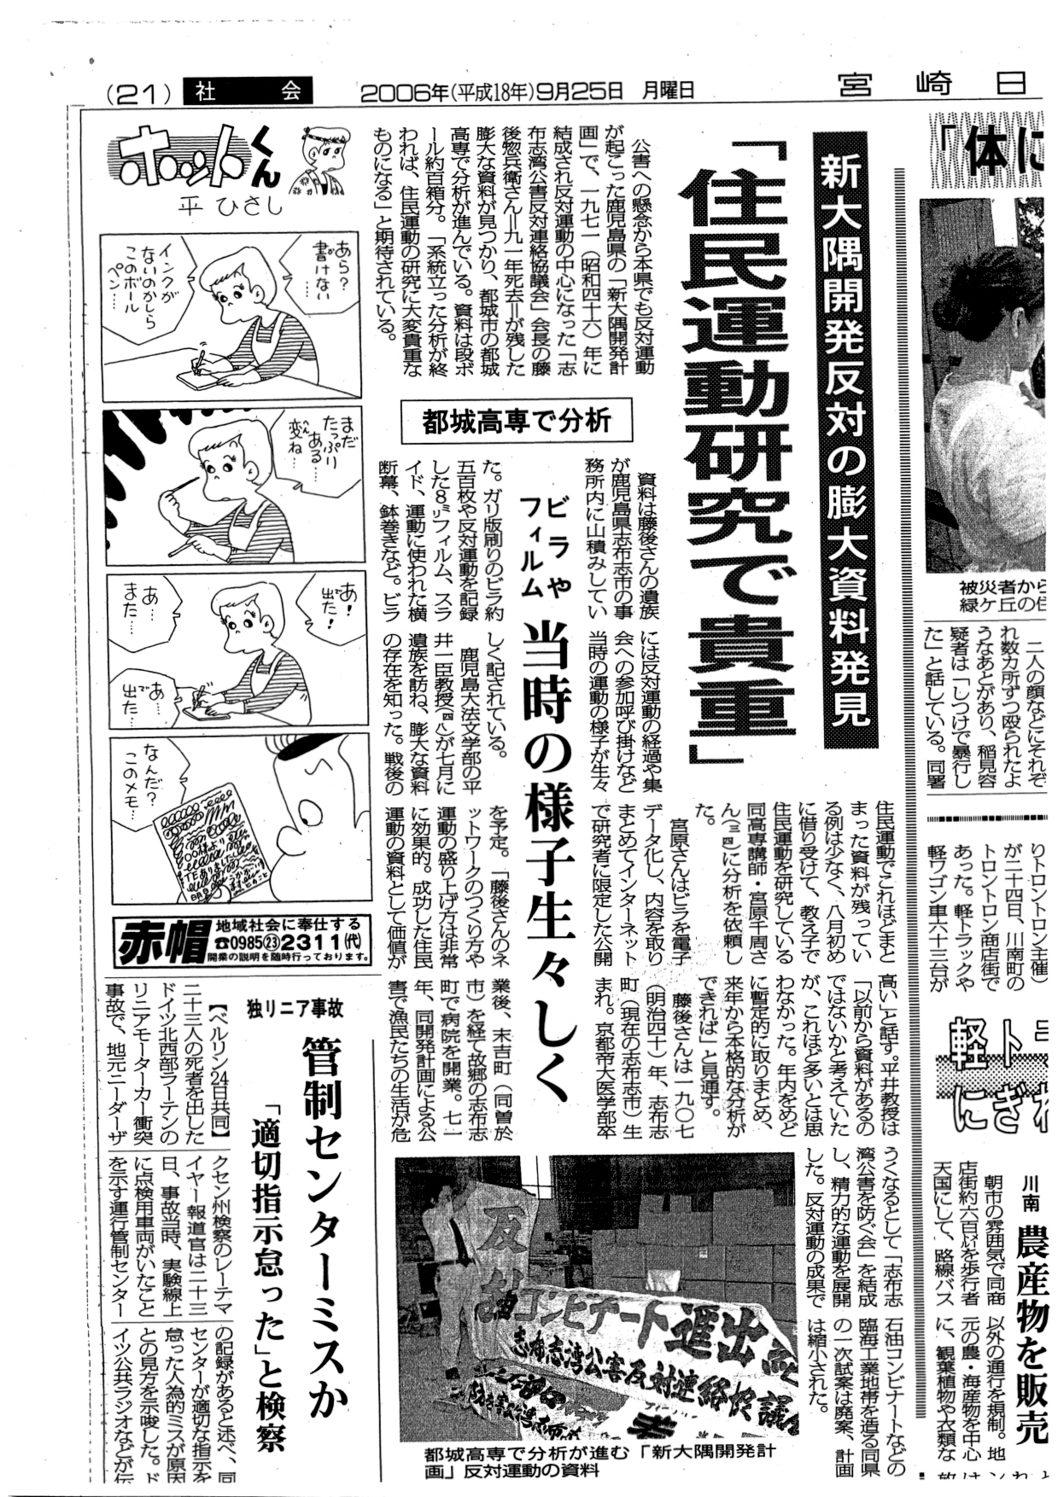 2006年9月25日付 宮崎日日新聞